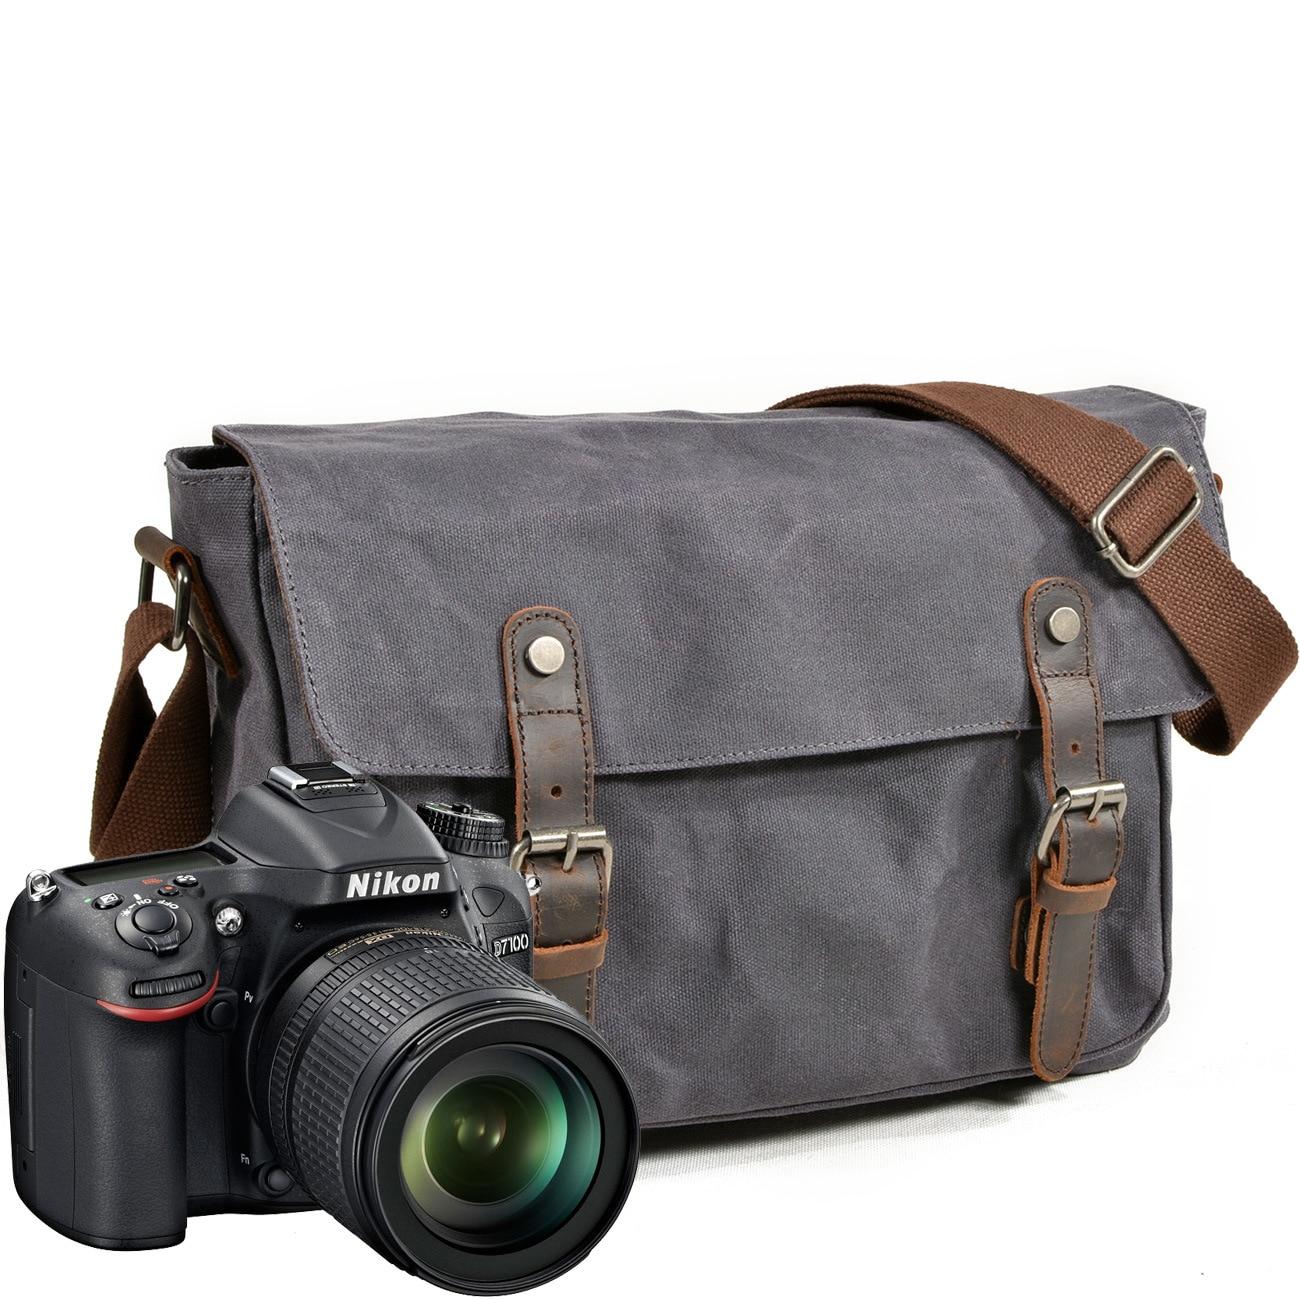 Sac appareil Photo étanche SLR appareil Photo numérique sac simple crieur professionnel sac à main grande capacité messager Photo homme femme sacs